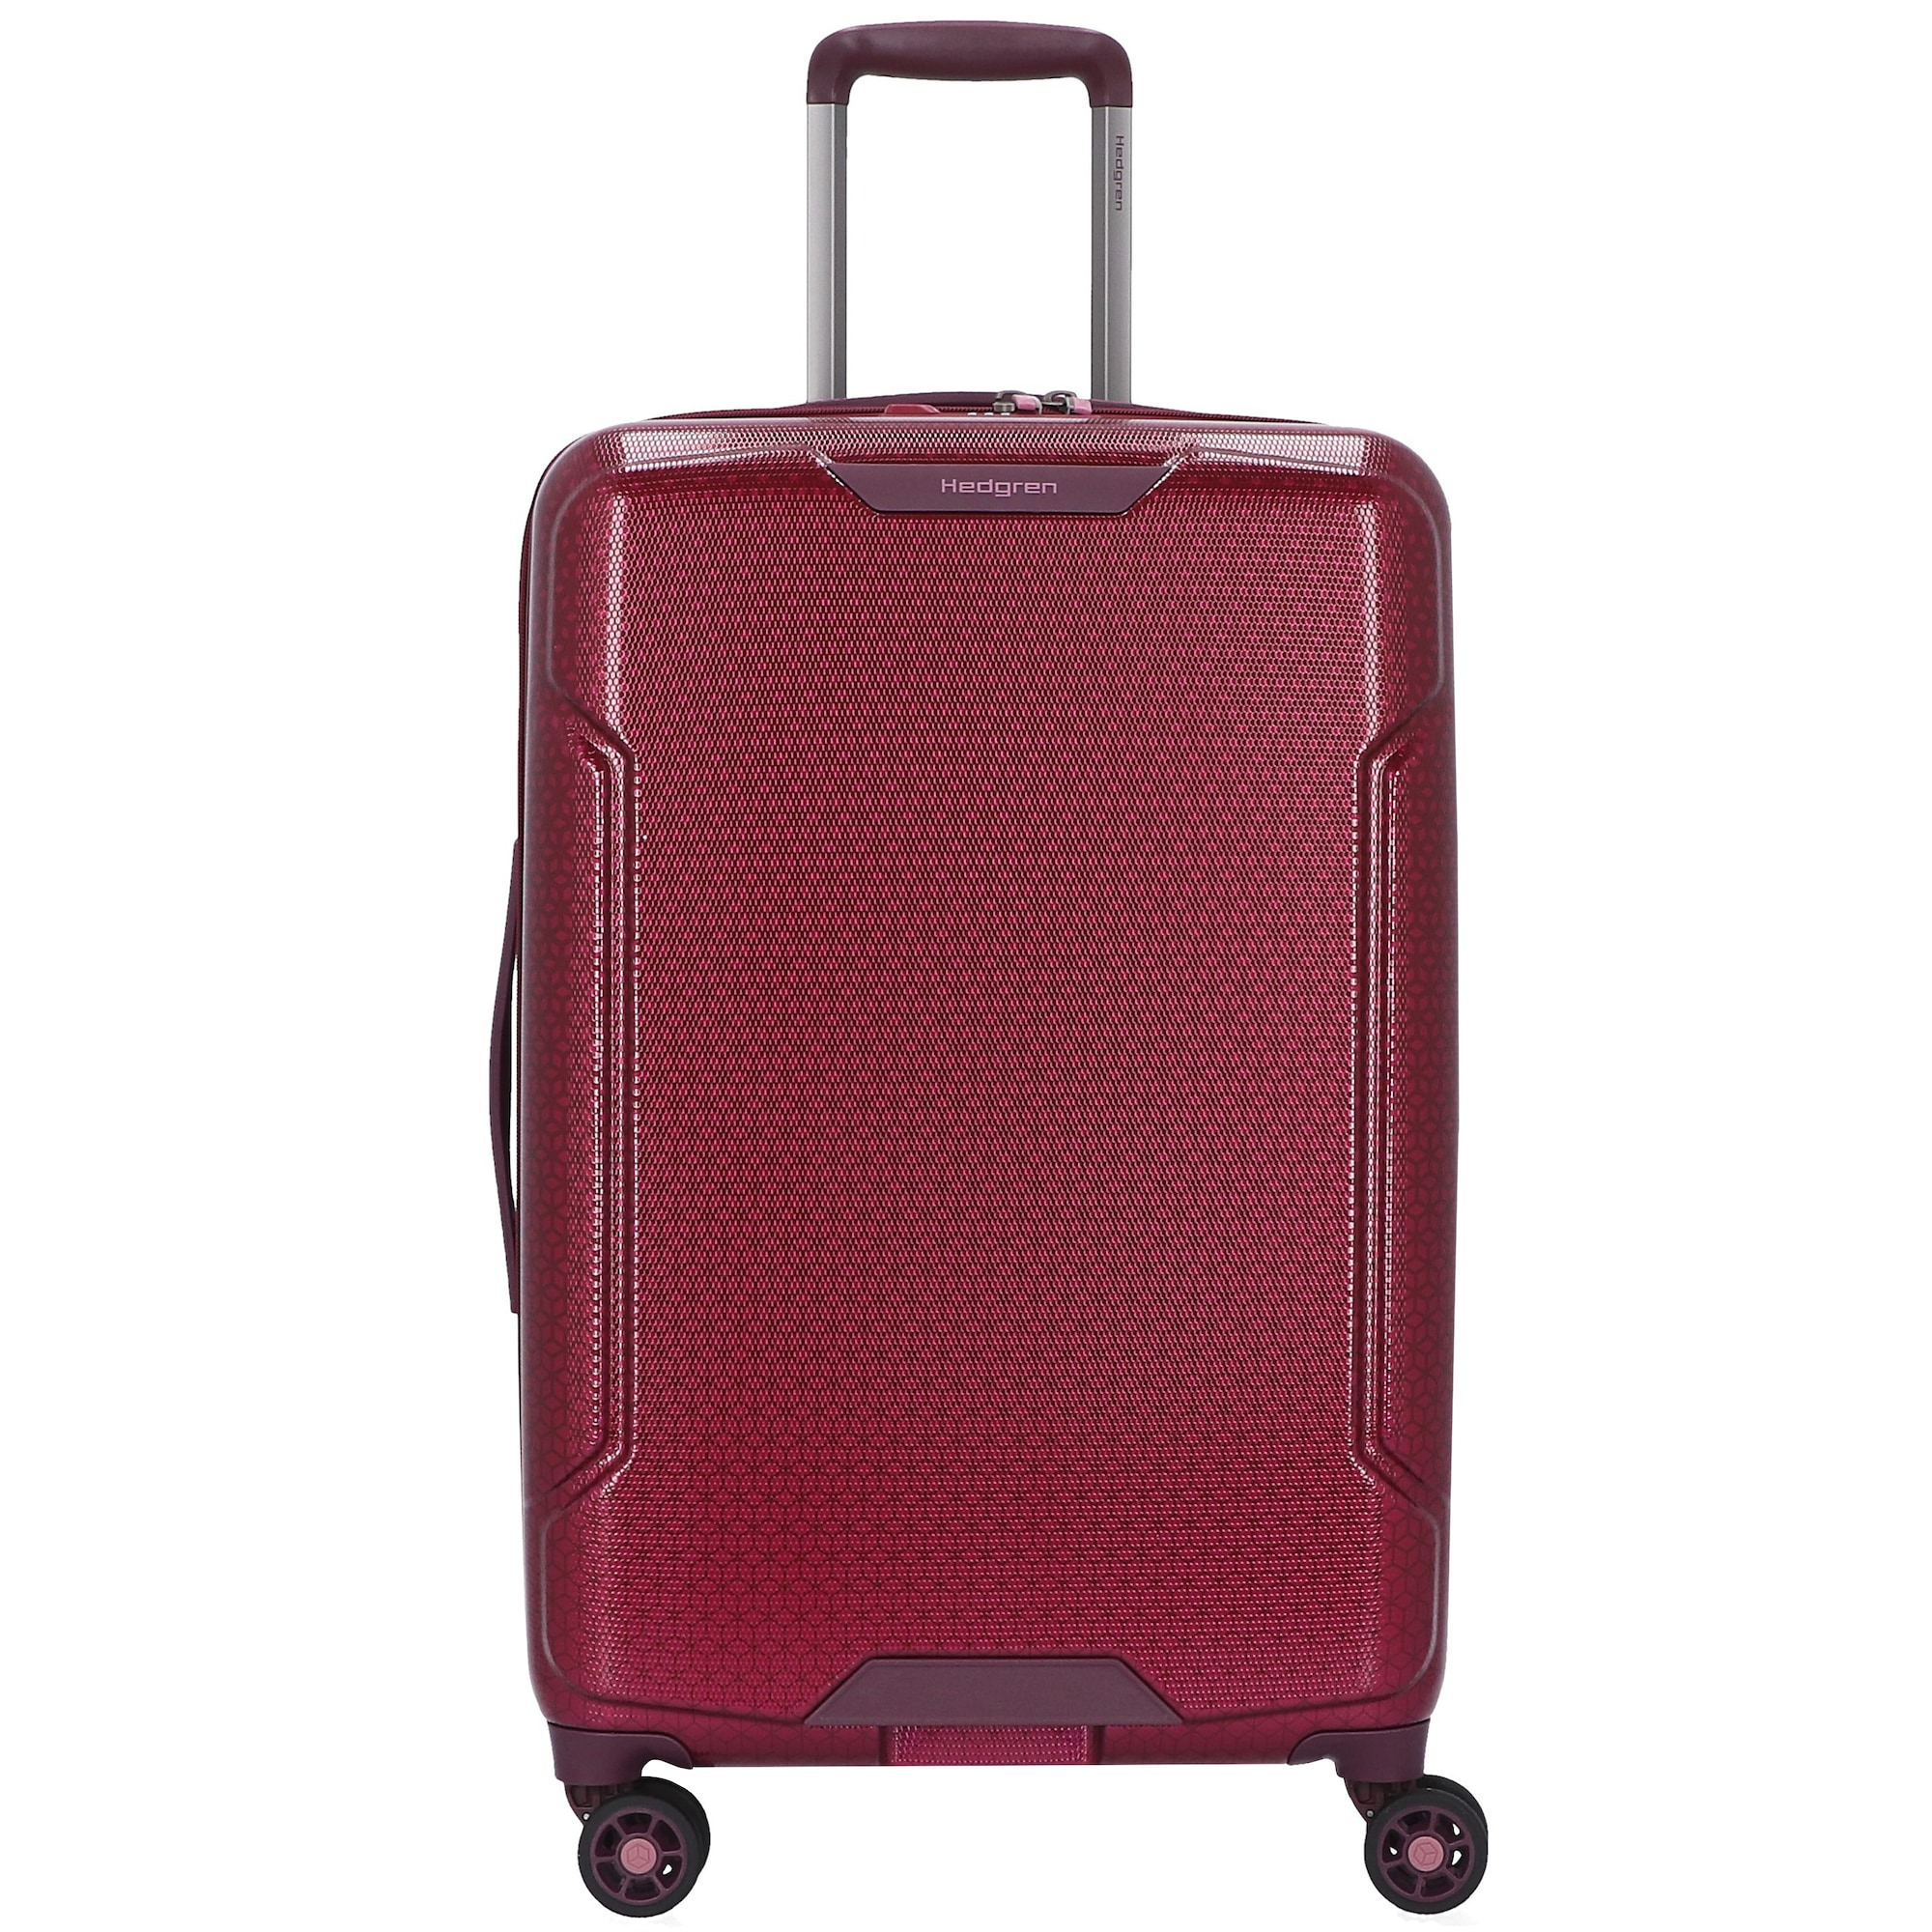 Trolley 'Freestyle Glide M 4-Rollen' | Taschen > Koffer & Trolleys > Trolleys | Rot | Hedgren